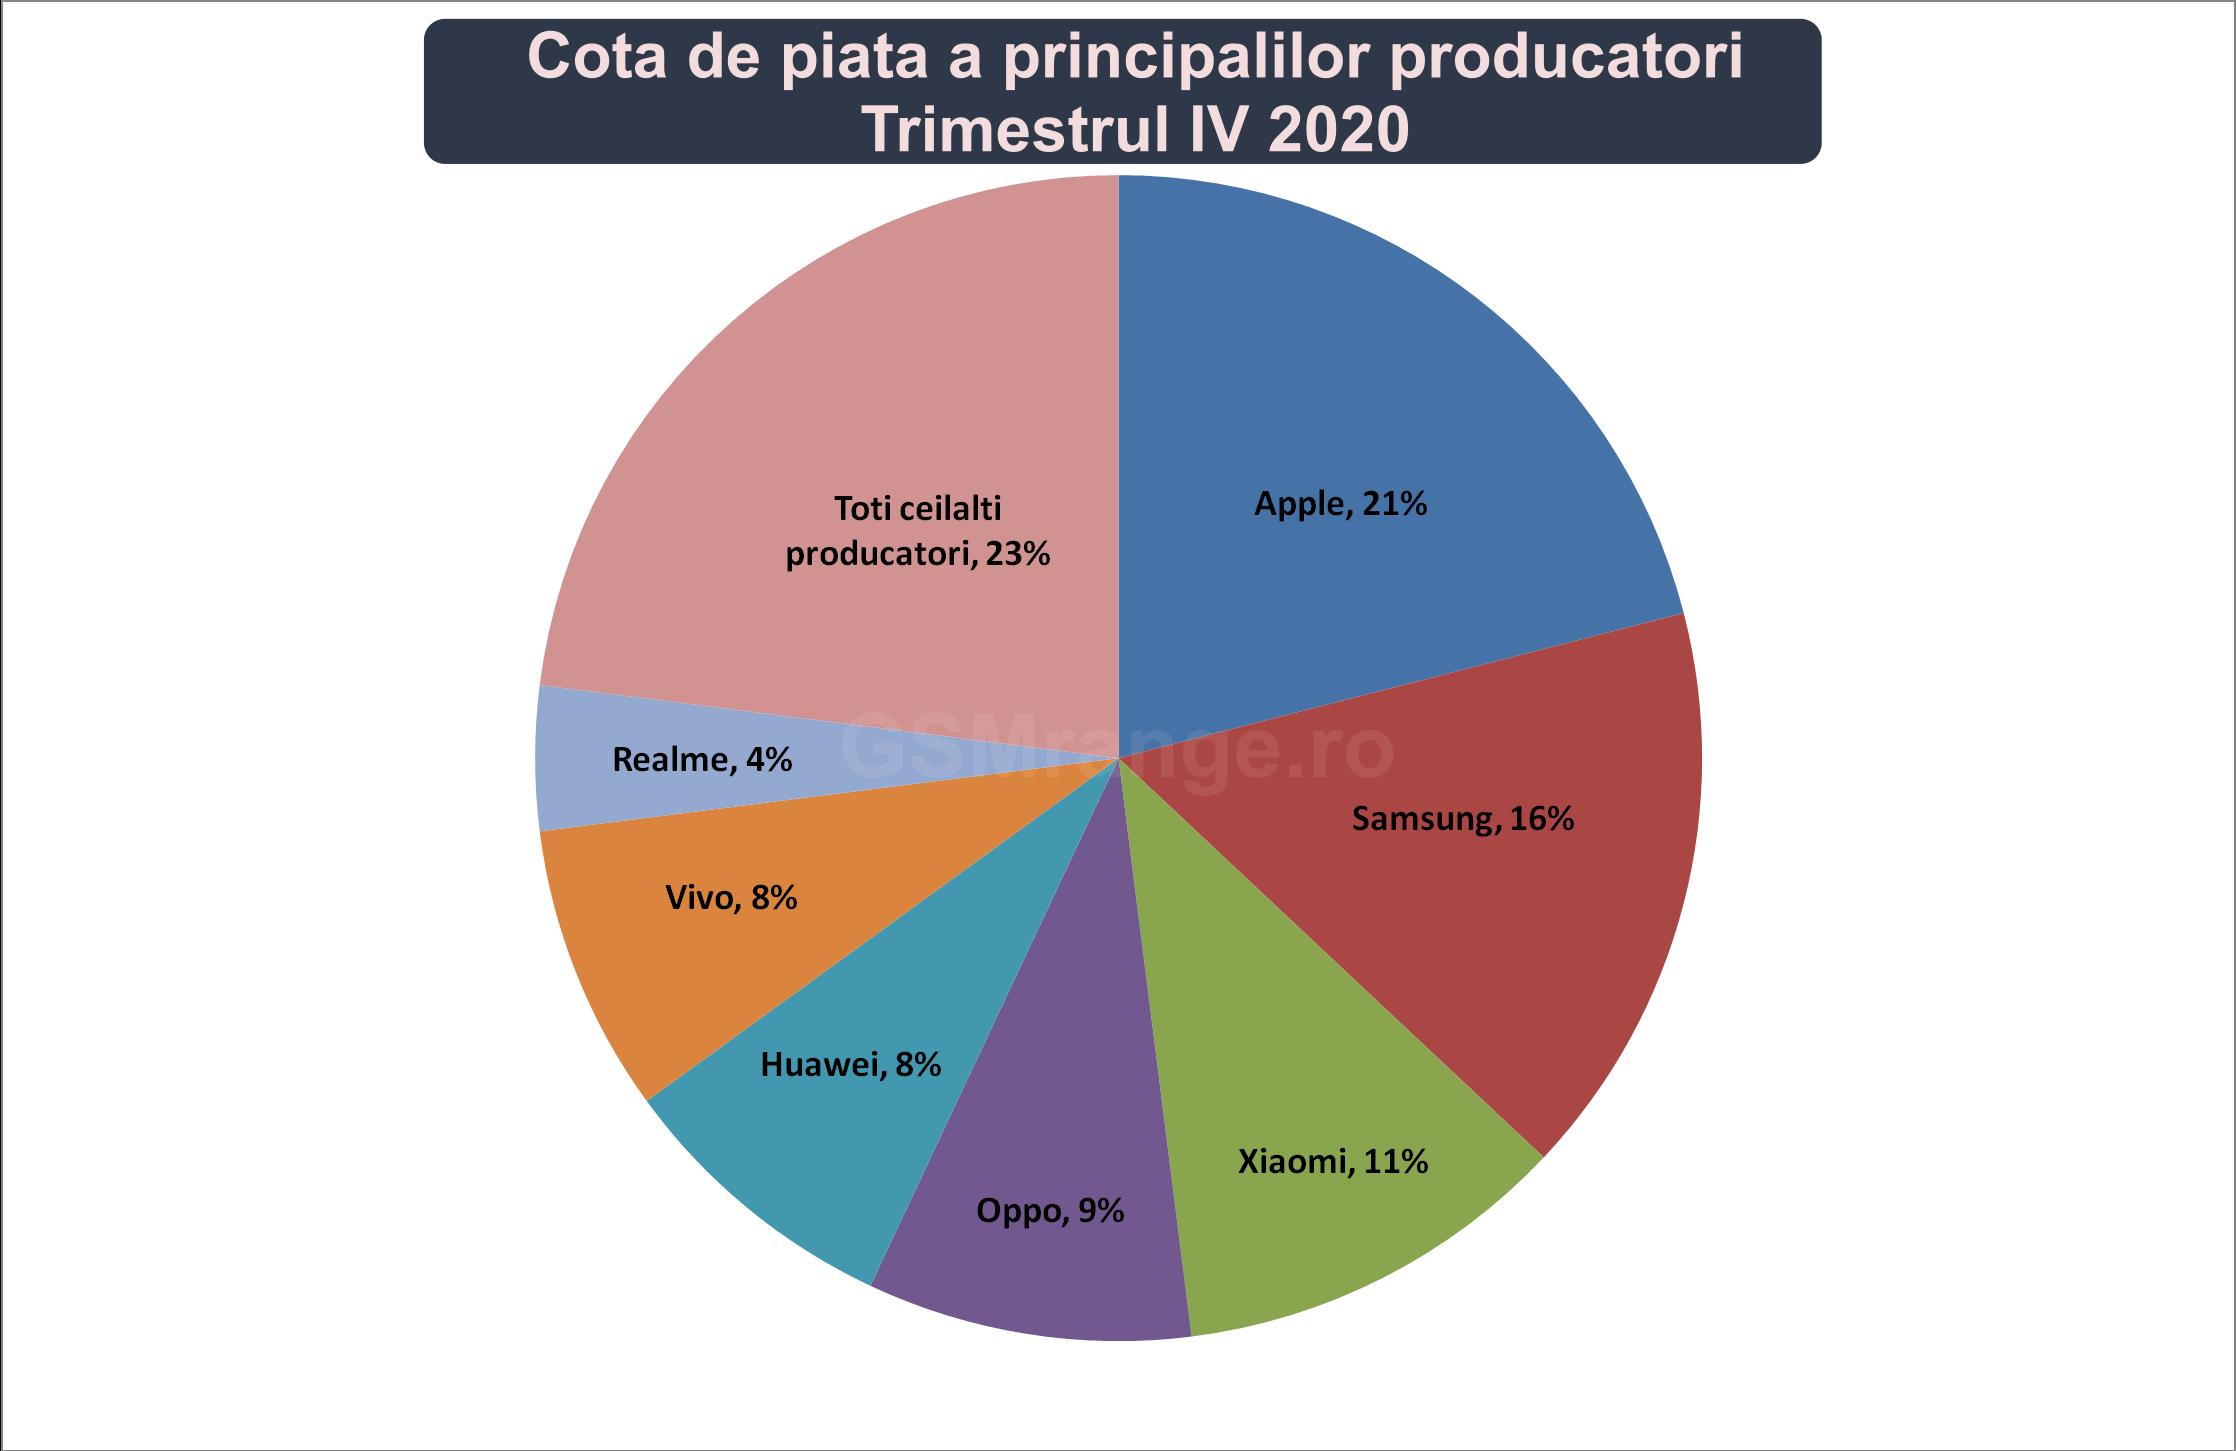 Cota de piata a celor mai importanti producatori de telefoane trimestrul IV 2020